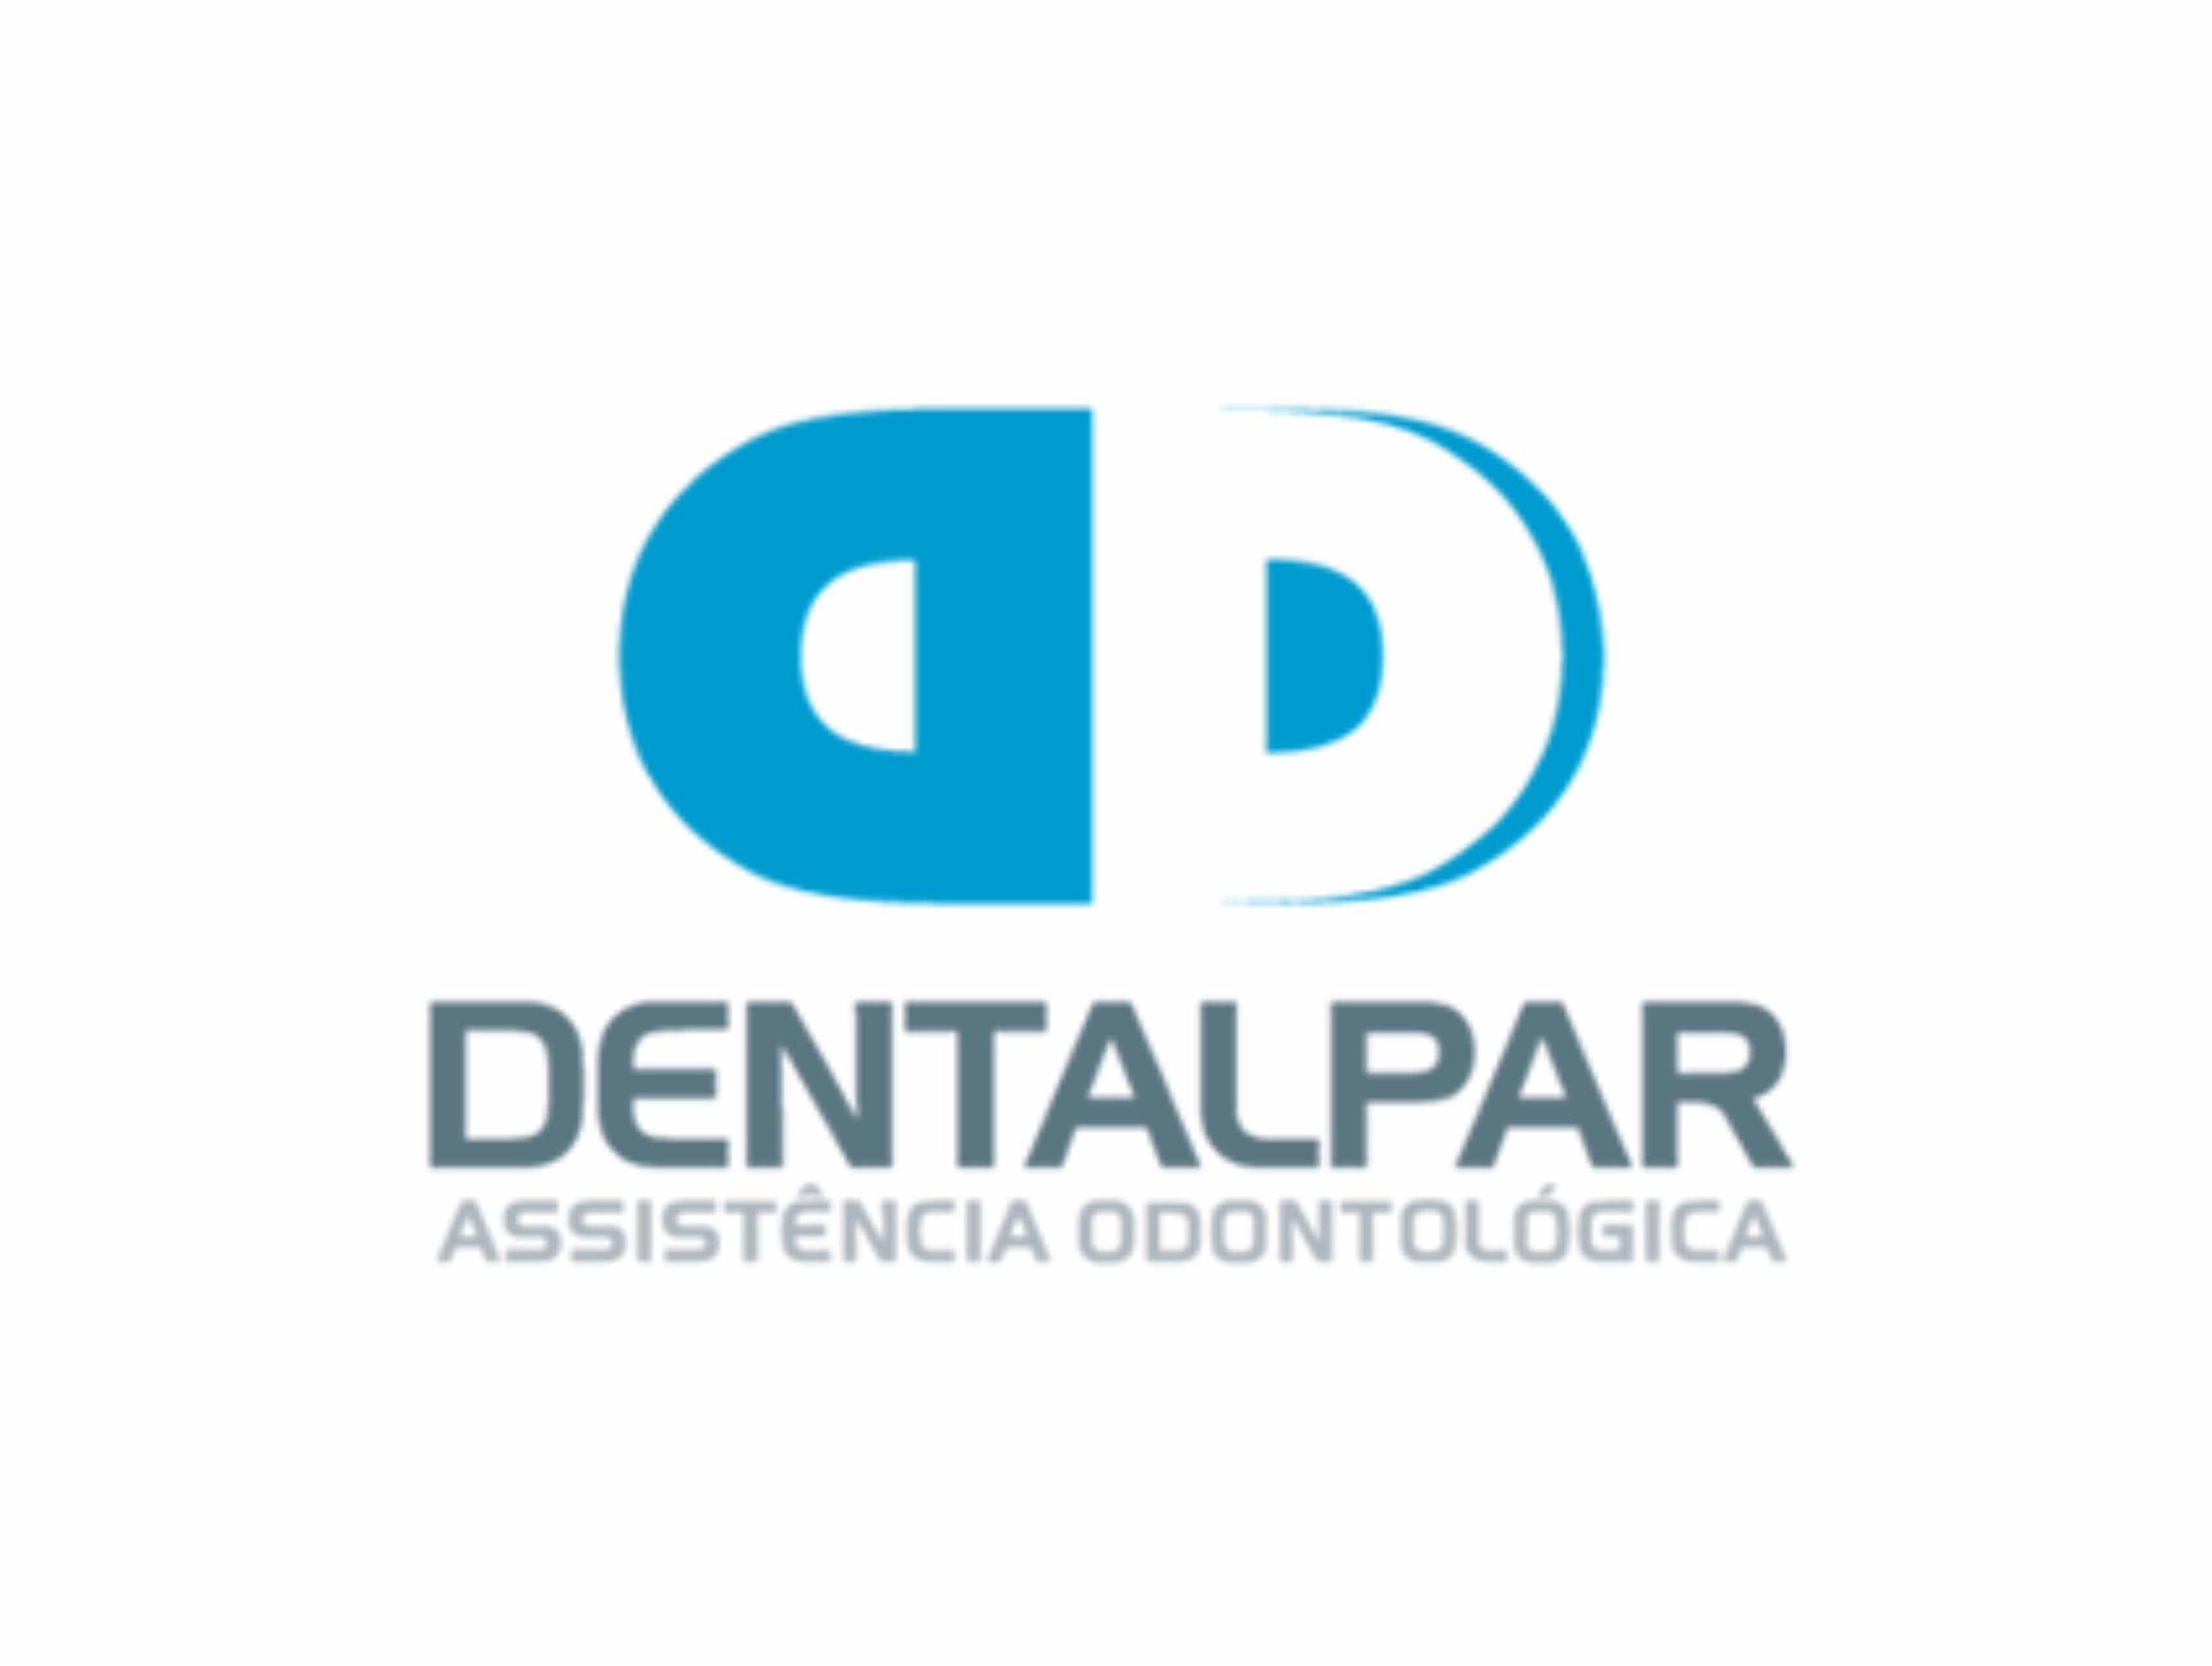 Dental Par